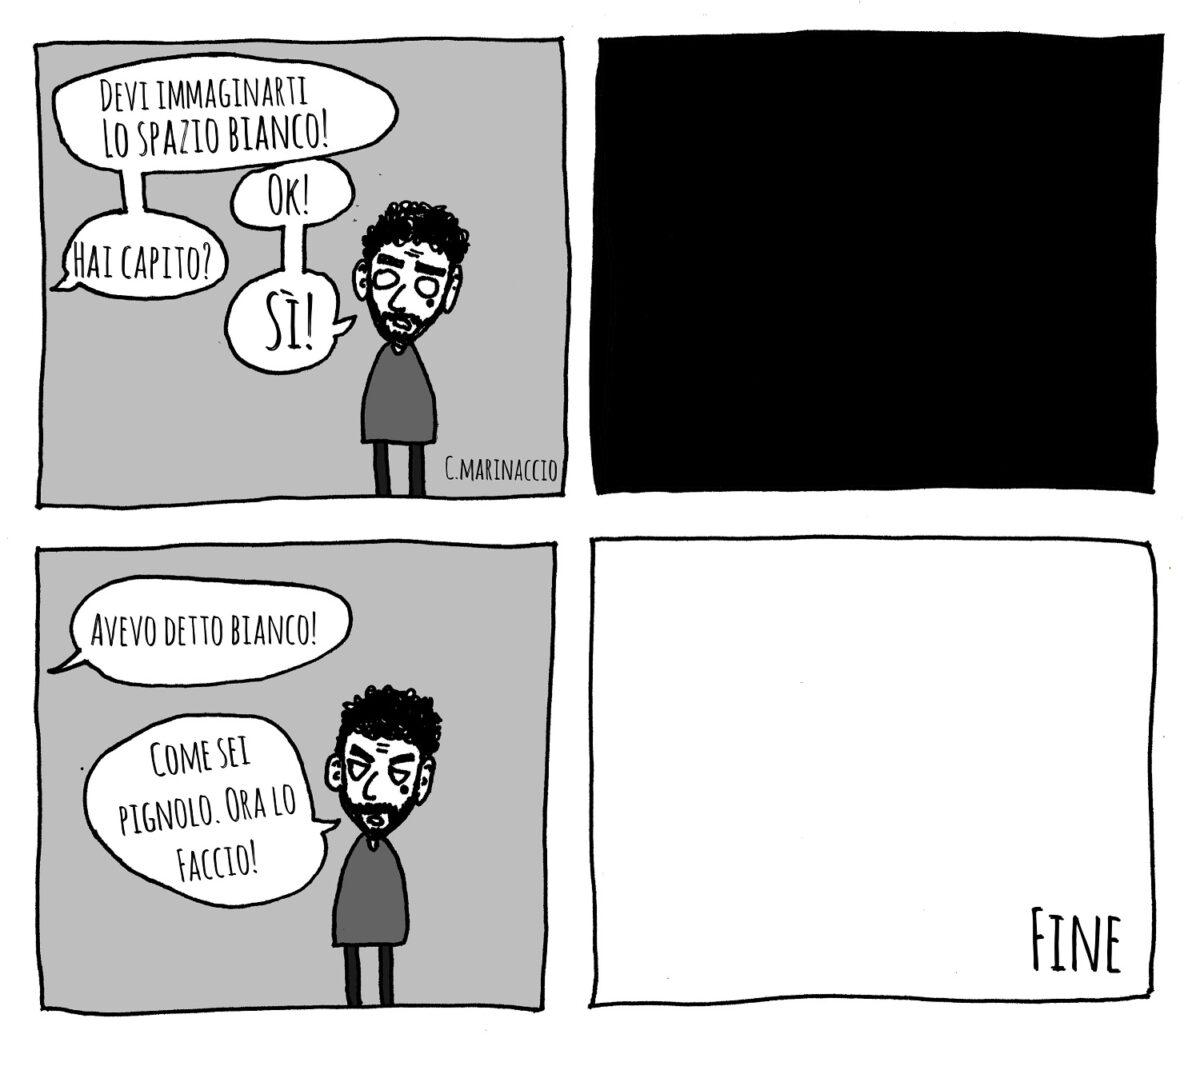 Spaziobiancocm